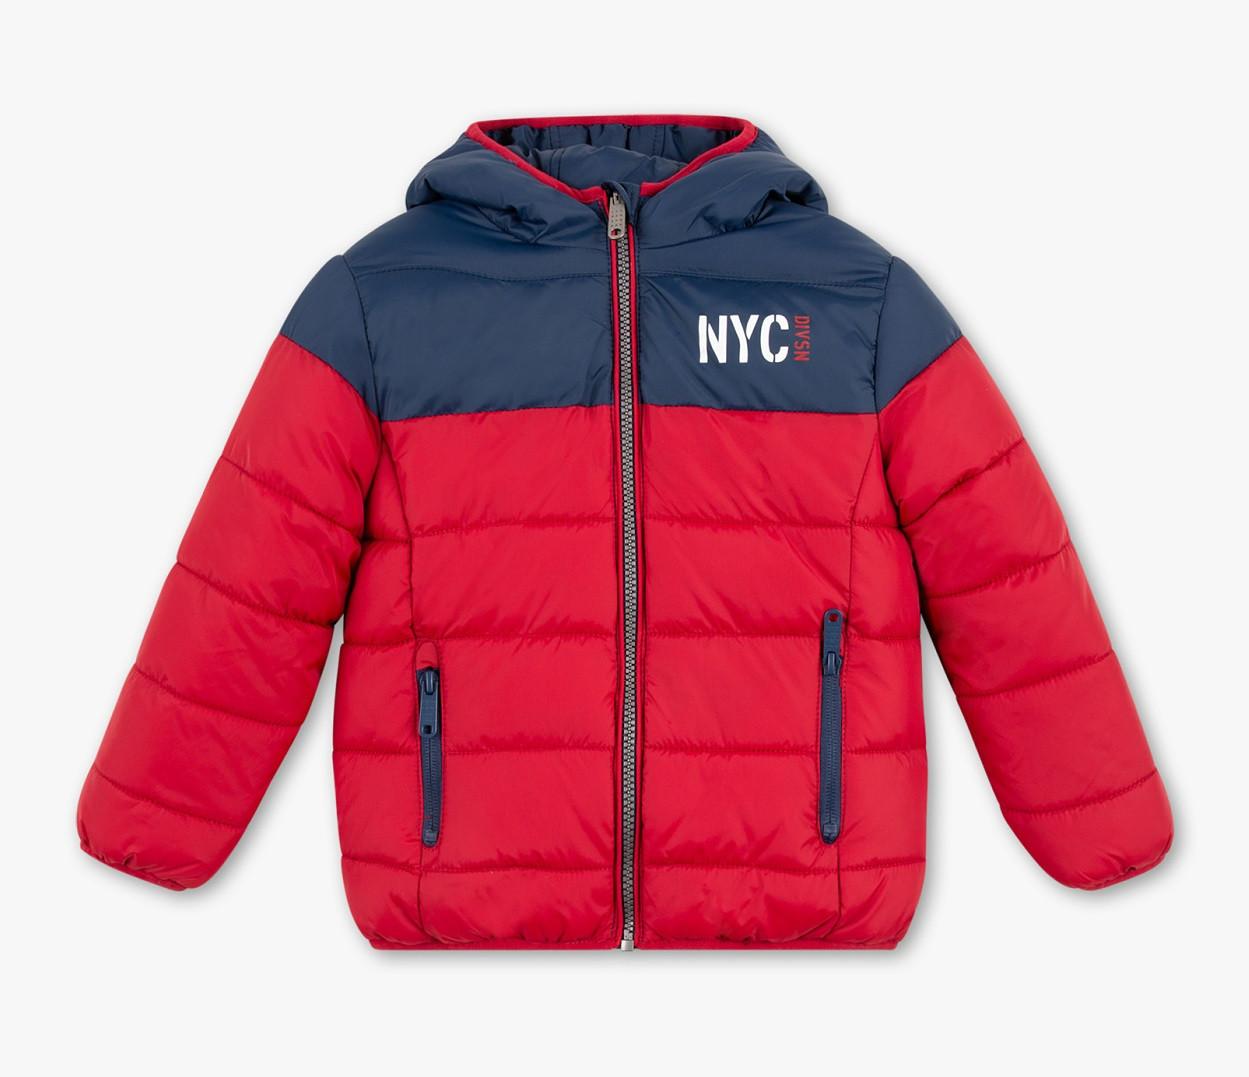 Демисезонная куртка для мальчика NYC C&A Германия Размер 104, 110